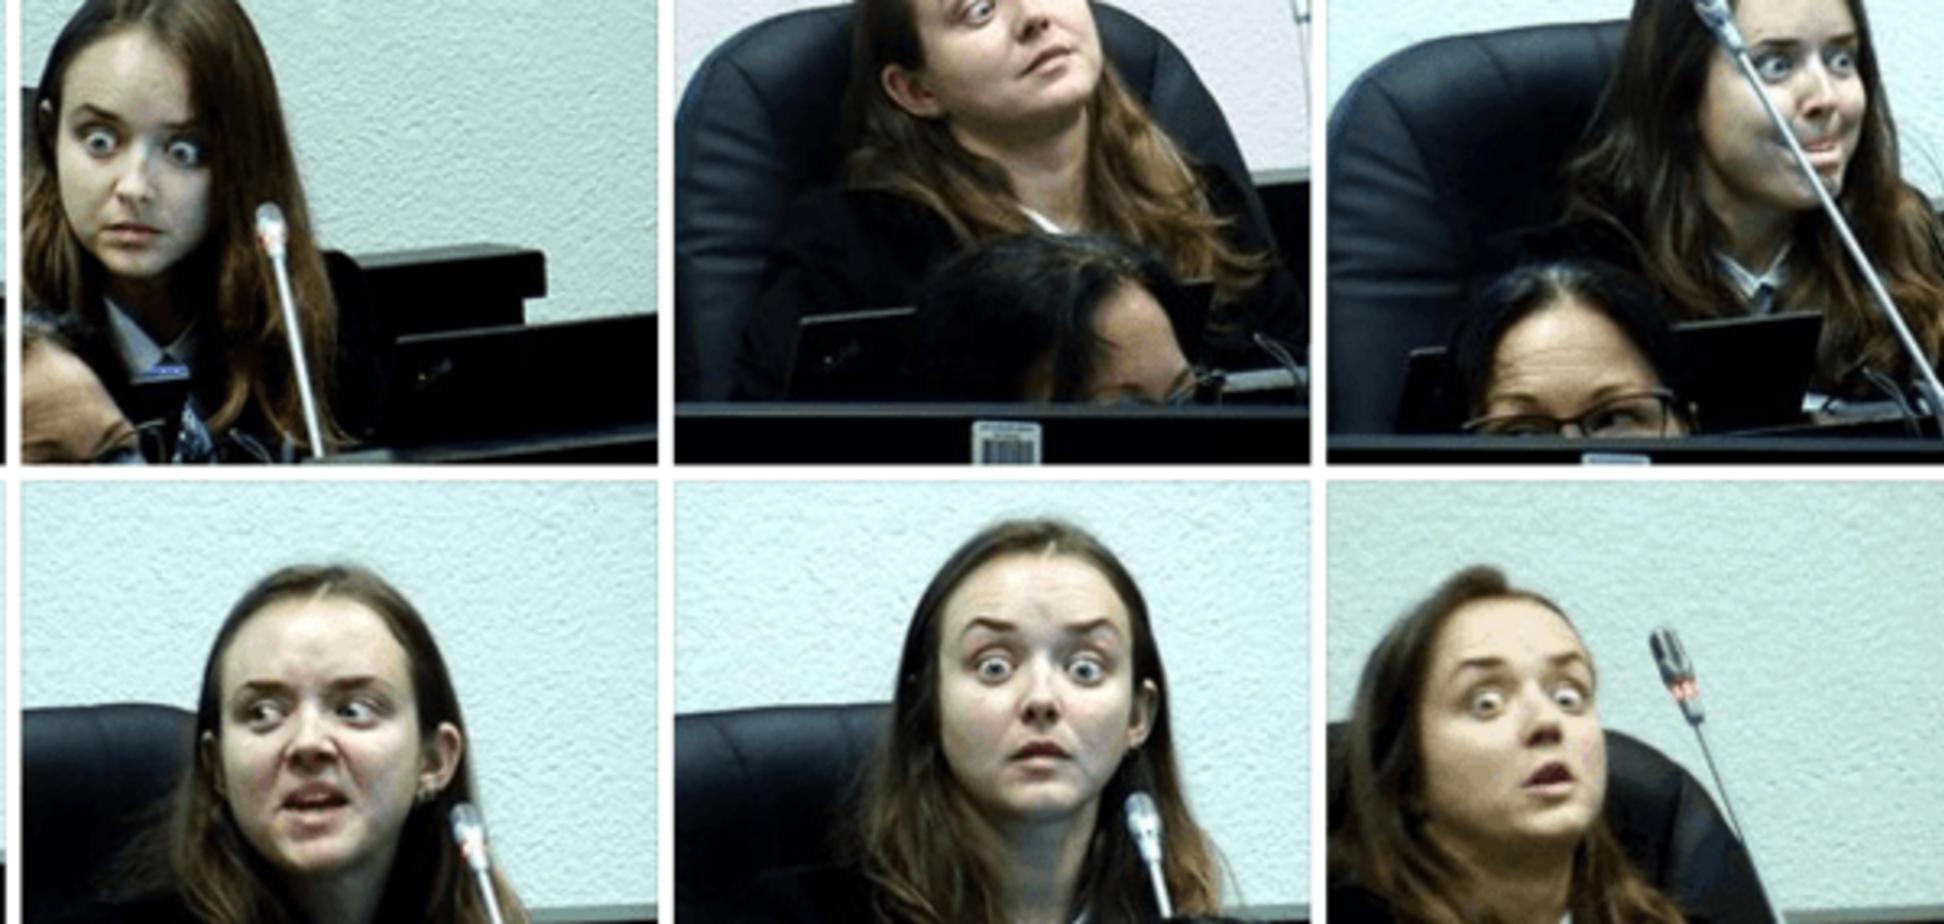 Конкурентка няши: прокурор з Естонії 'підірвала' мережу своєю мімікою. Фотофакт